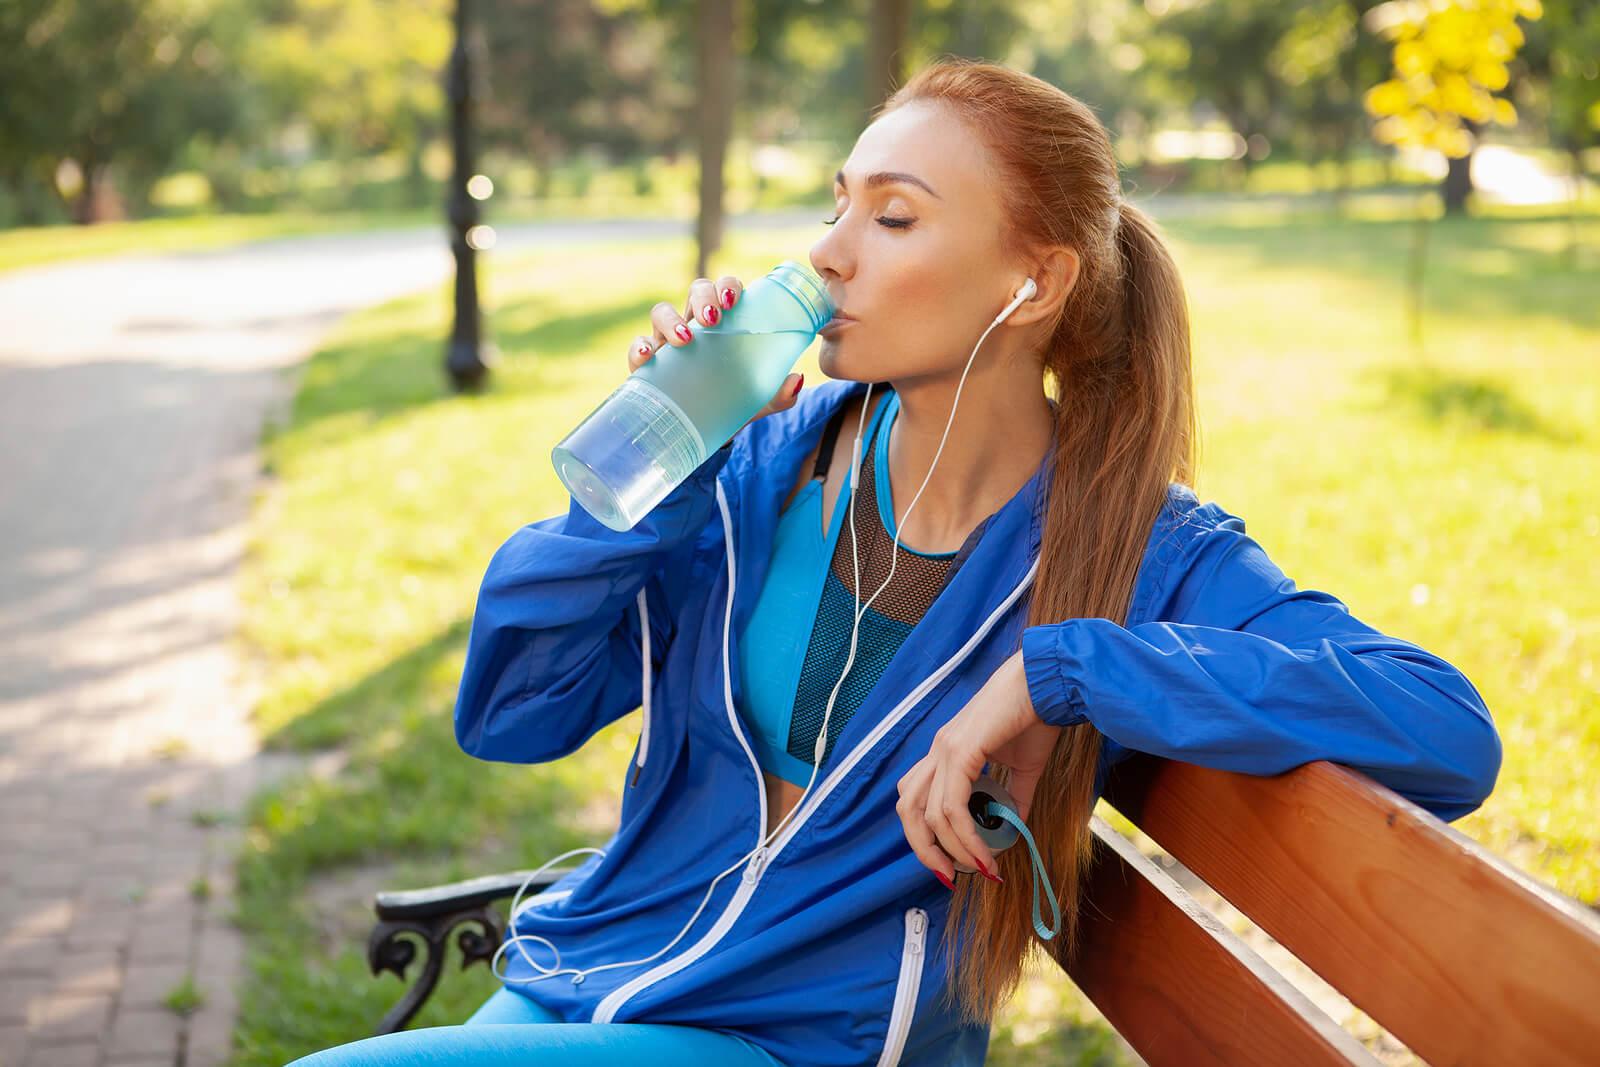 Beber agua ayuda a alcalinizar el cuerpo.